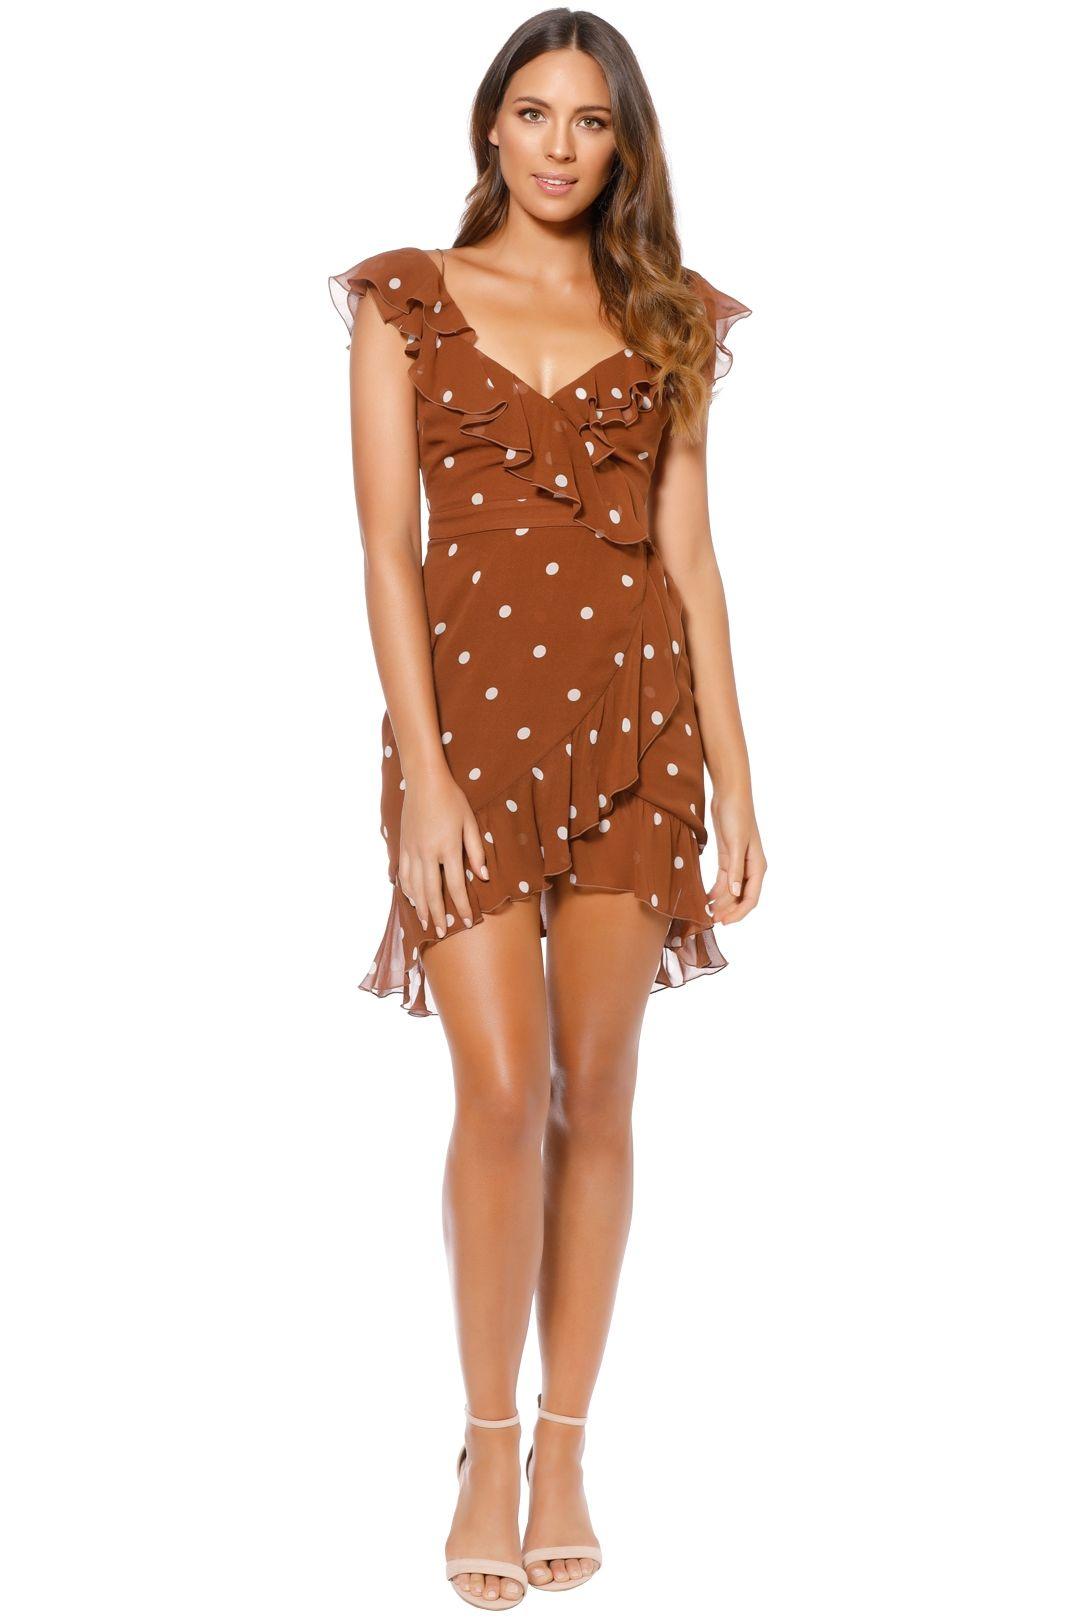 Nicholas - Rust Spot Wrap Frill Mini Dress - Brown - Front